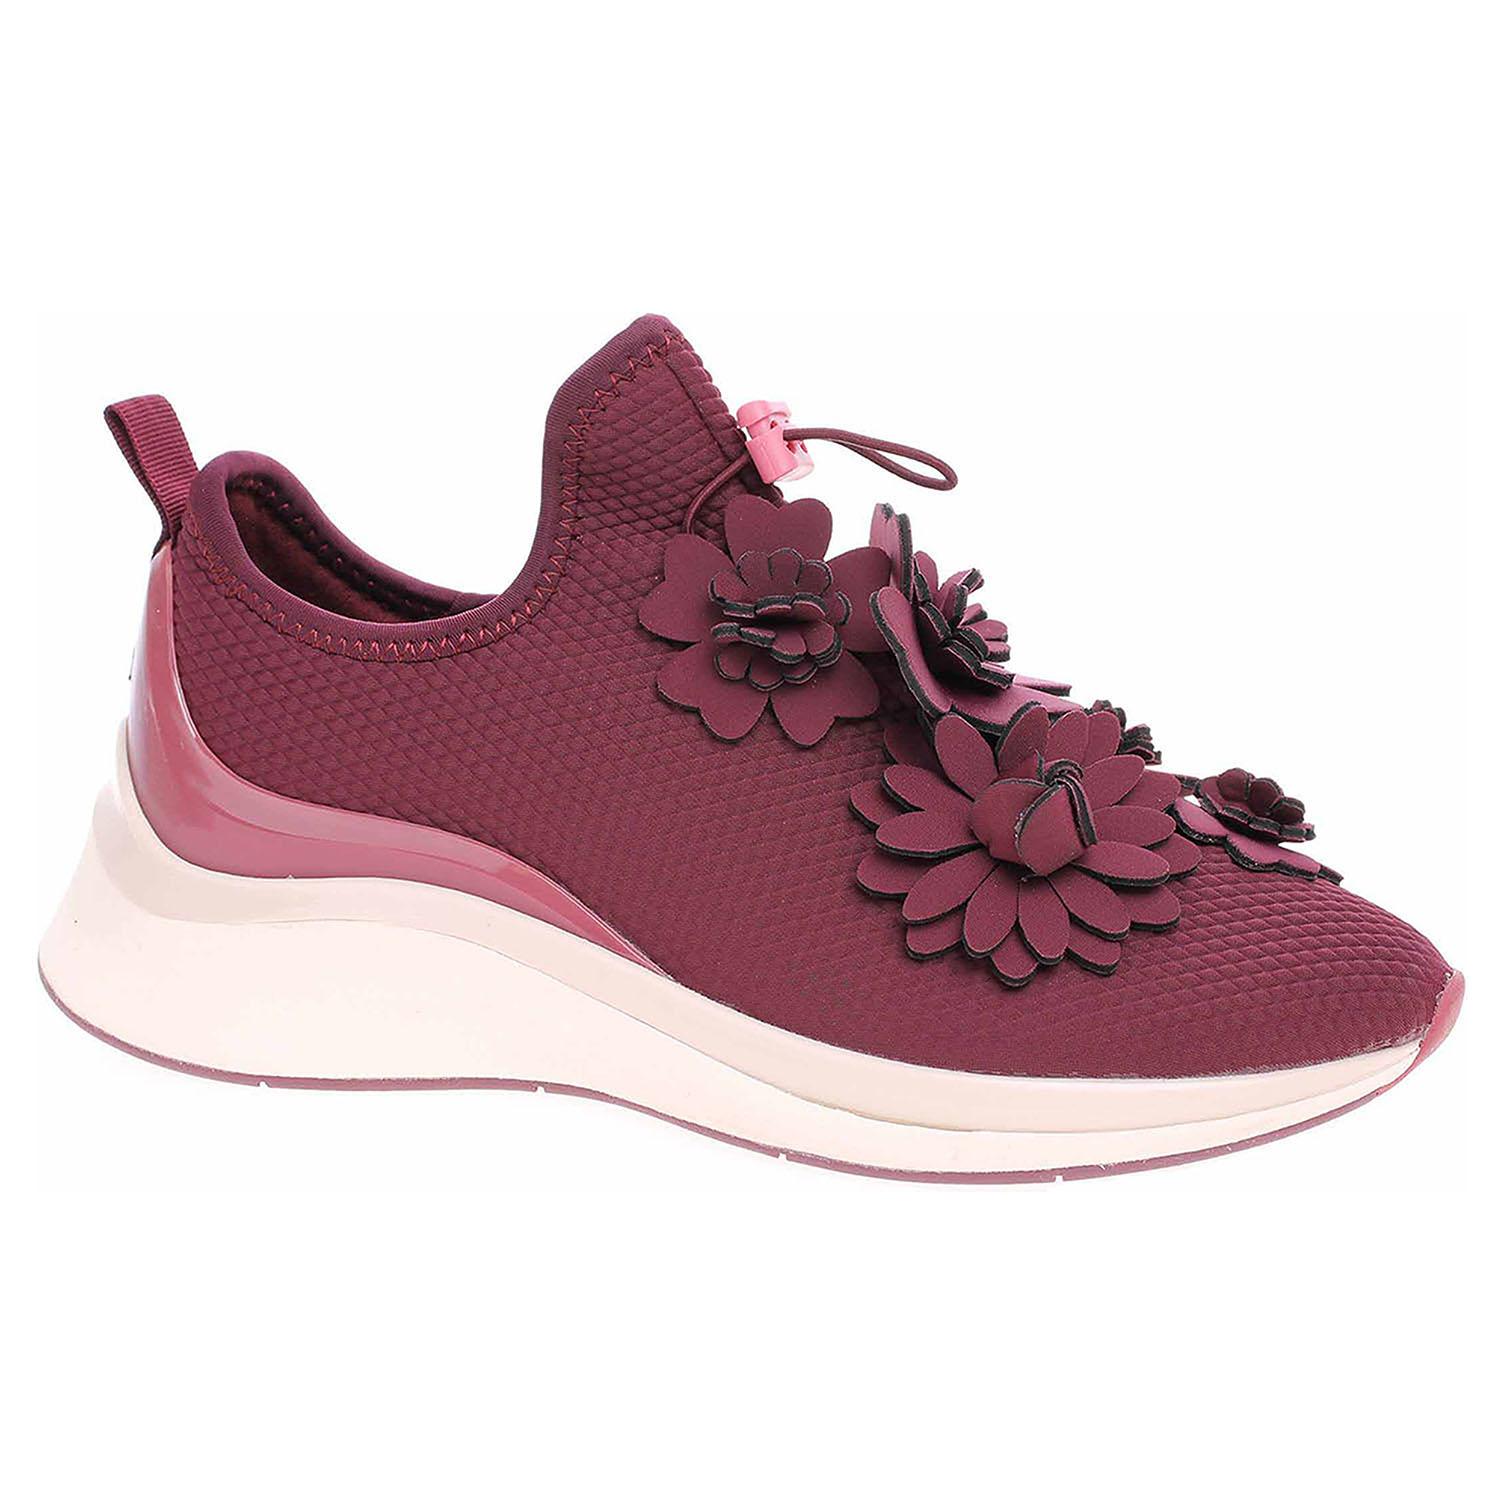 Dámská obuv Tamaris 1-24790-31 bordeaux 1-1-24790-31 549 39